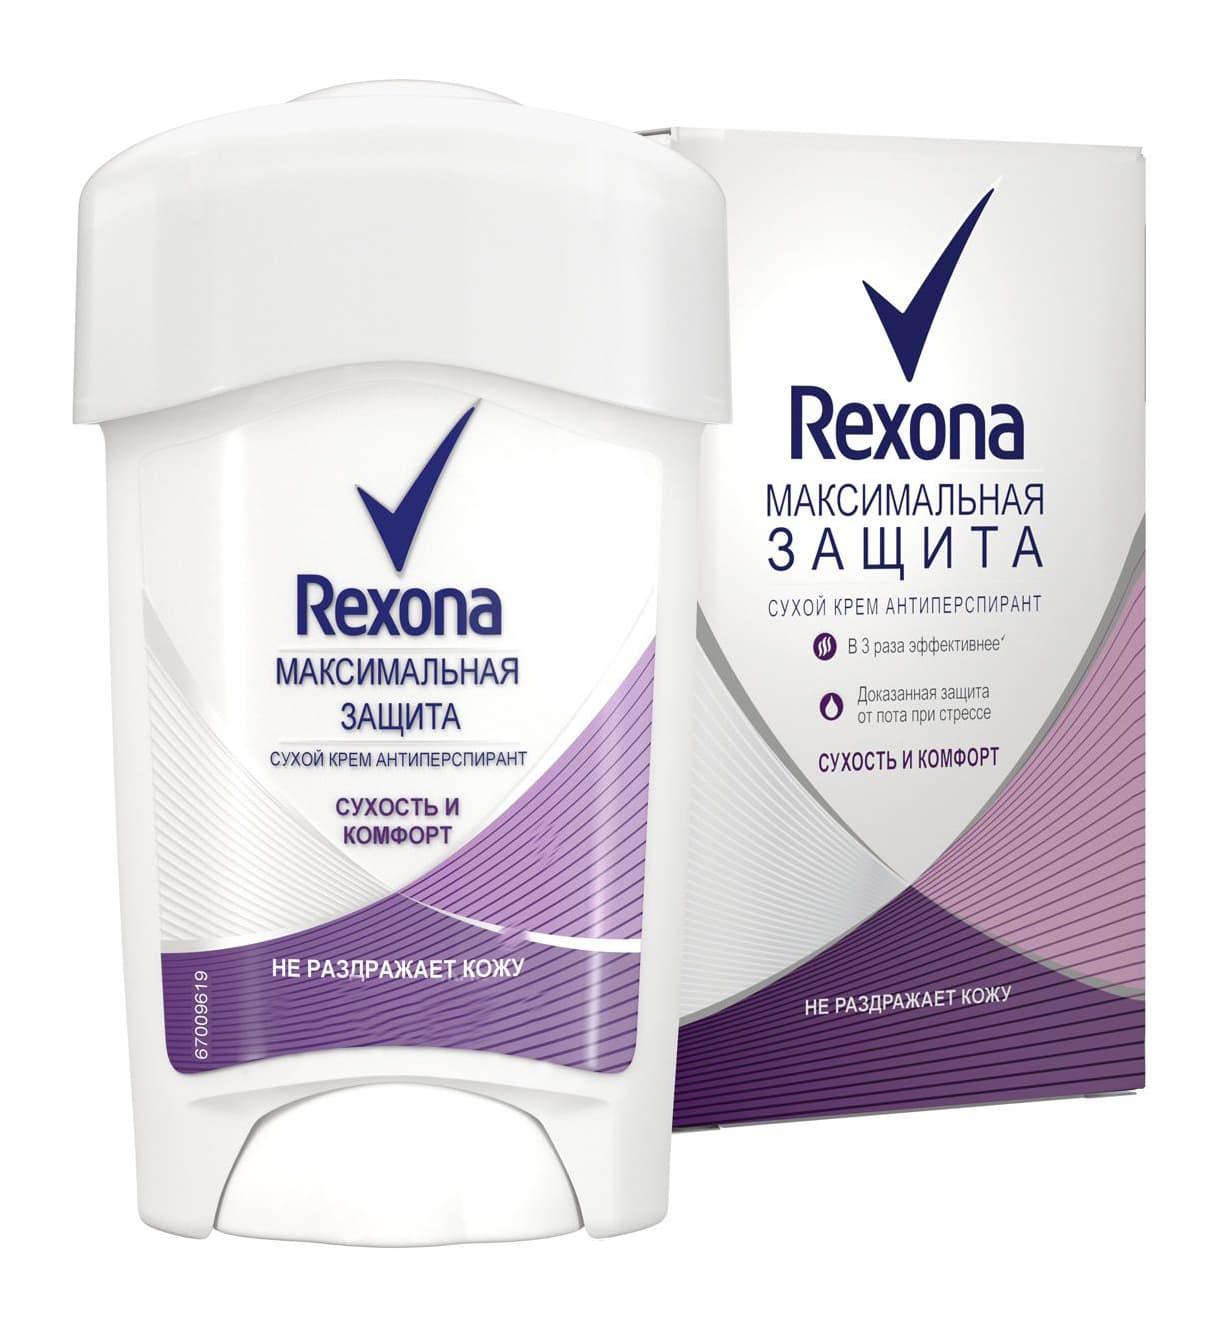 Rexona Антиперспирант-Крем Максимальная Защита Сухость И Комфорт